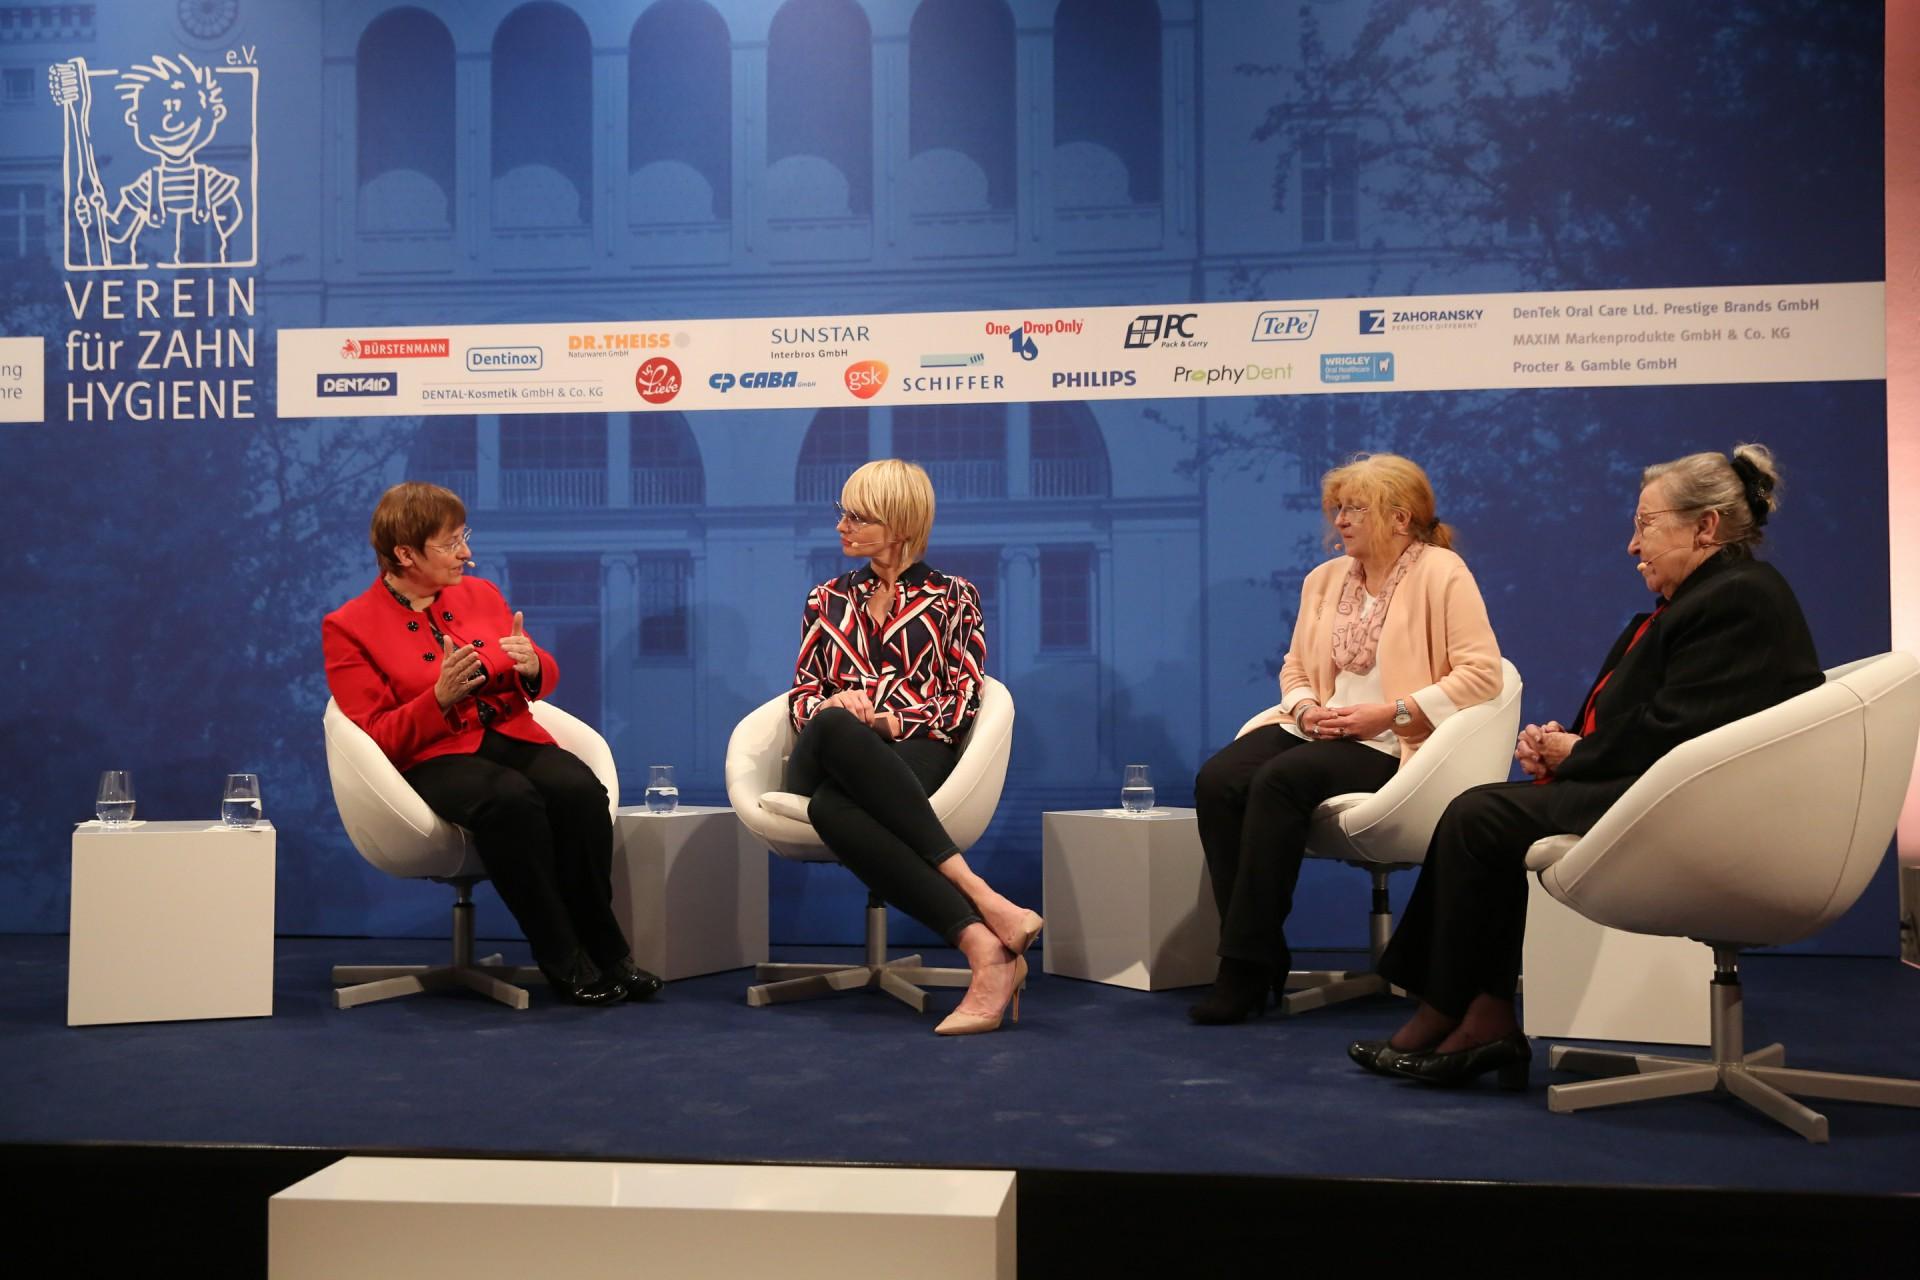 Diskussionsrunde mit Prof.Dr.Ina Nitschke, Susann Atwell, Karin Schnaudt und Prof. Dr. Dr. h.c. Ursula Lehr